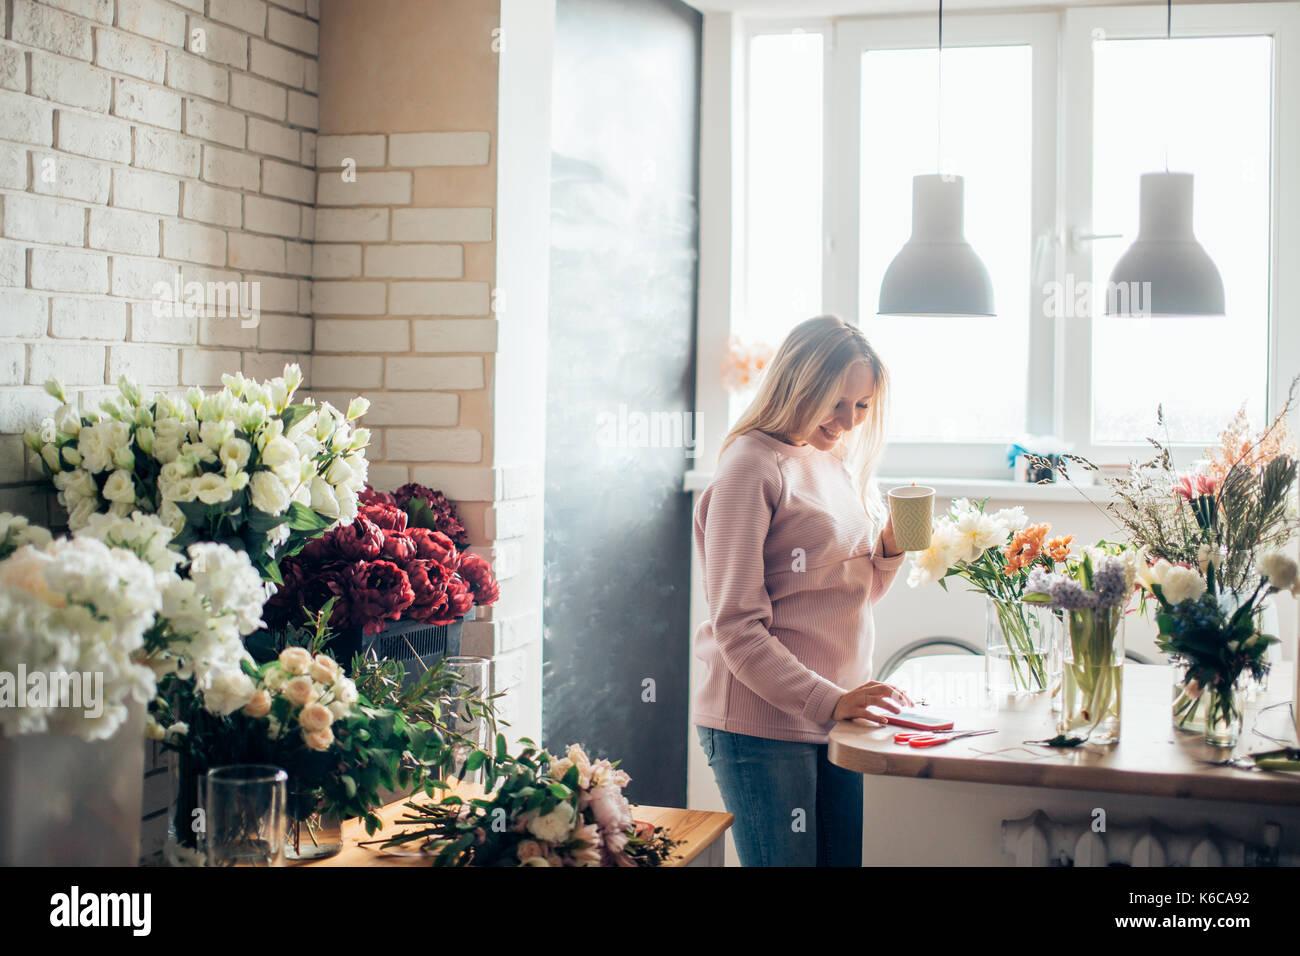 Floristería en el trabajo. Una mujer en el proceso de hacer un verano bouquet de peonías, sostiene en su mano una taza de café. Herramientas y accesorios floristerías necesidad Imagen De Stock